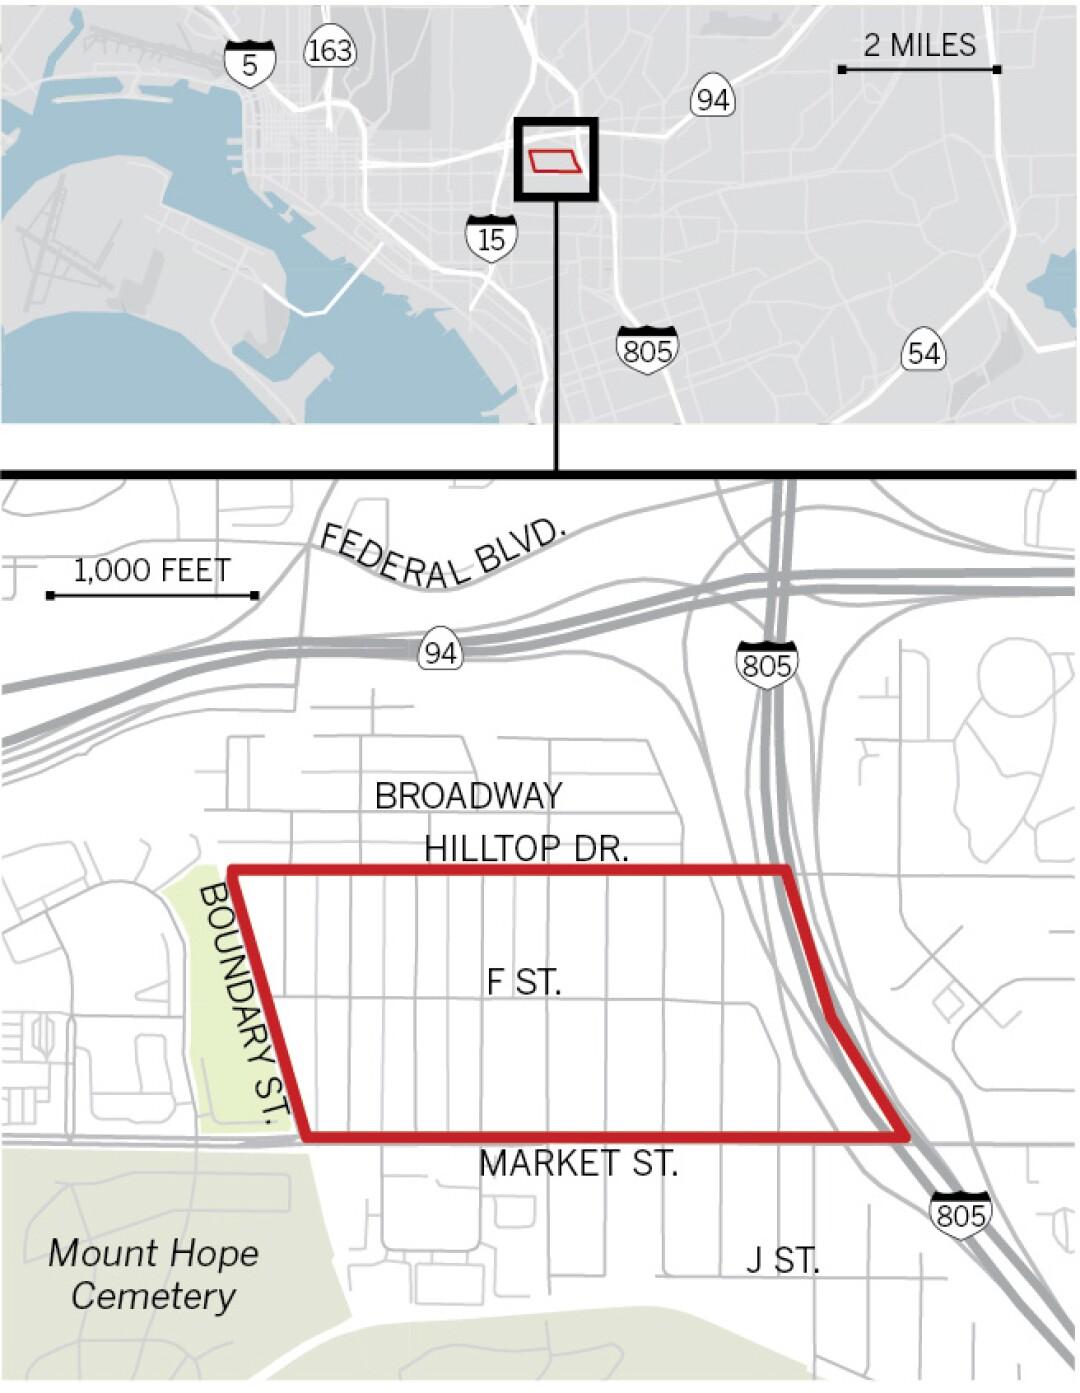 sd-id-g-neighborhood-crime-mount-hopeWEB_map.jpg